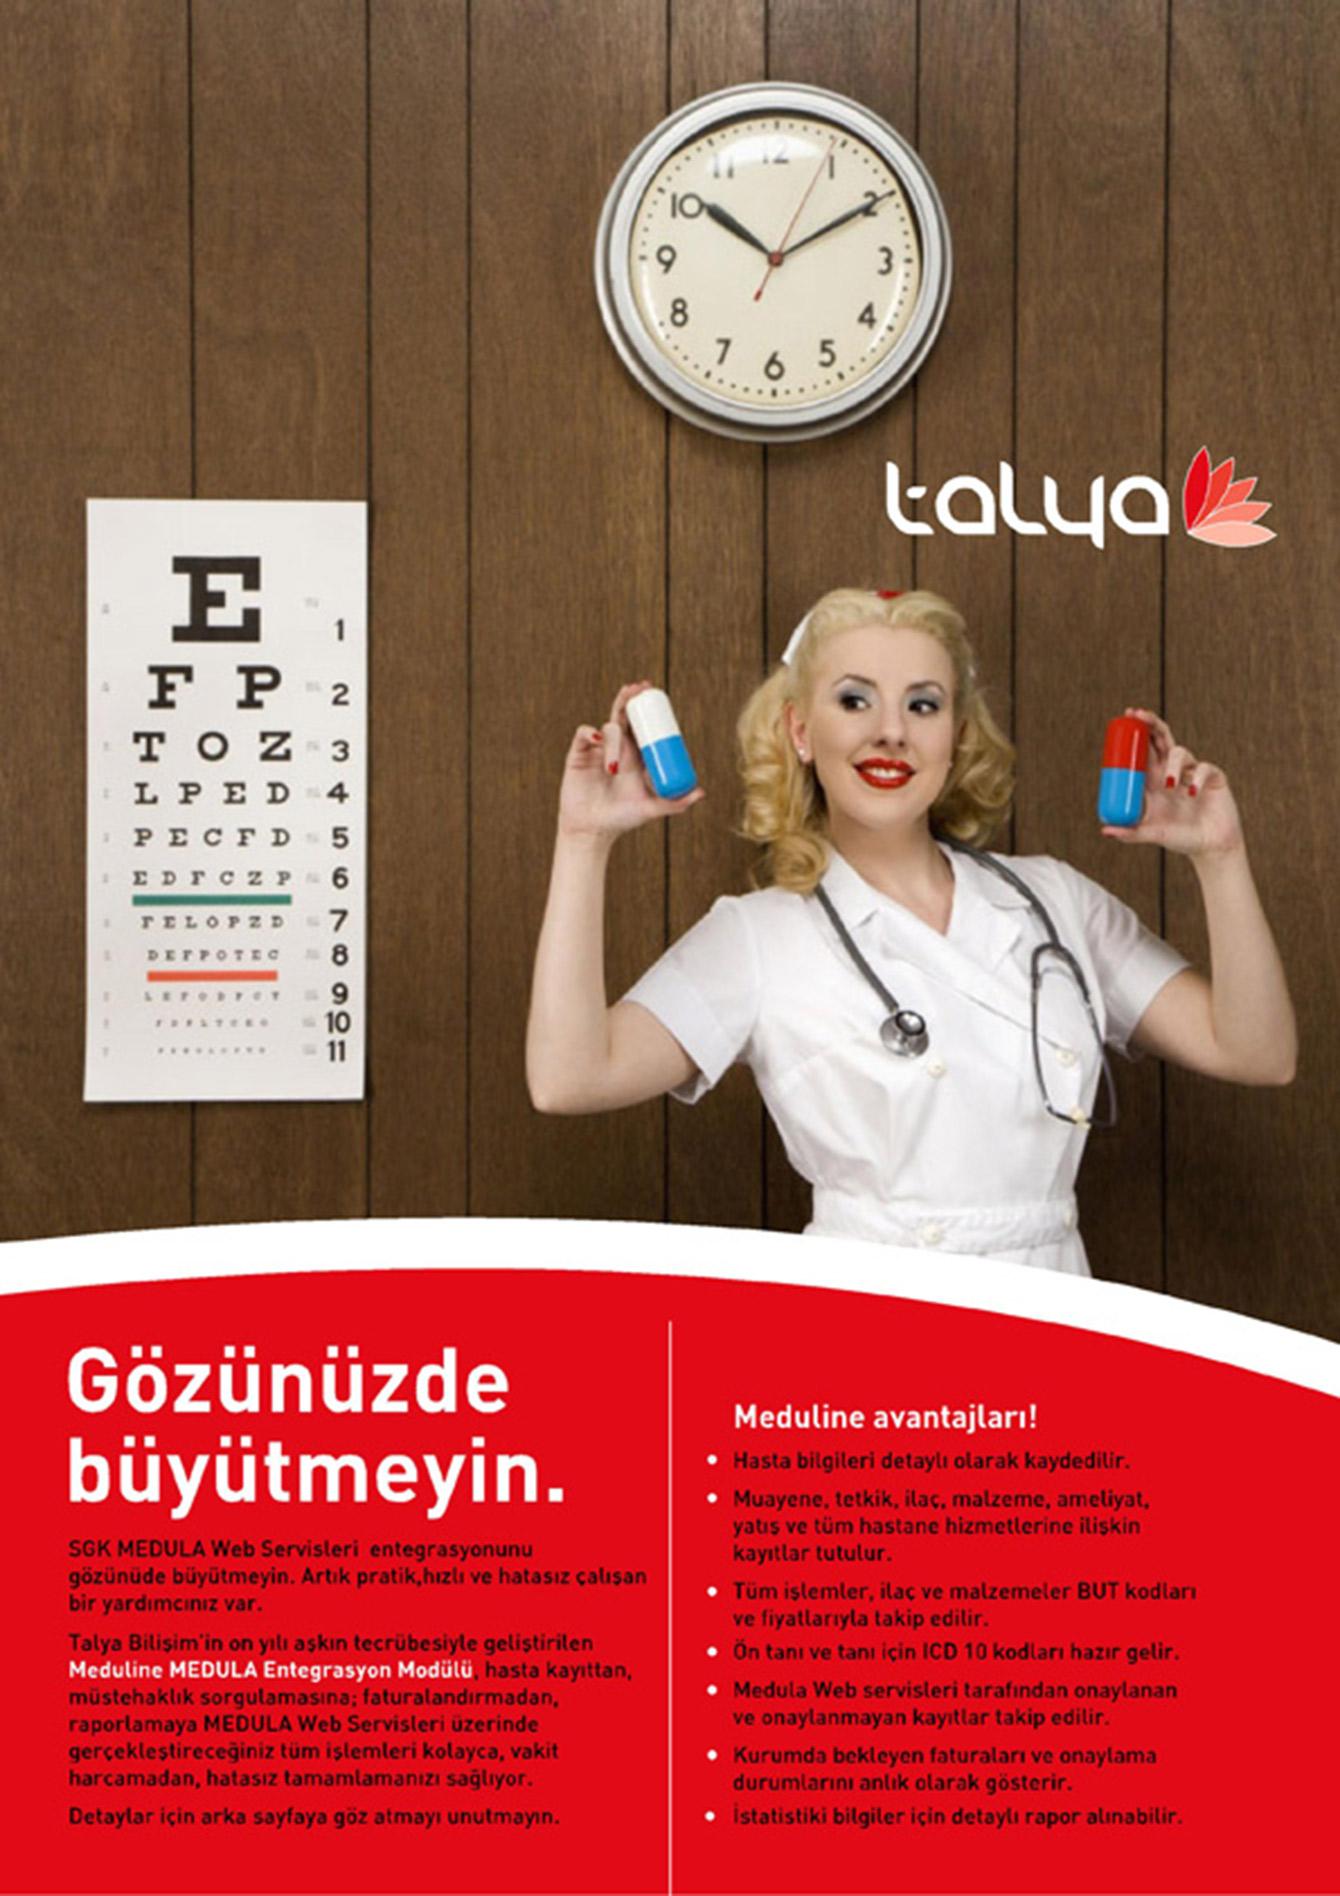 Talya Bilişim Meduline